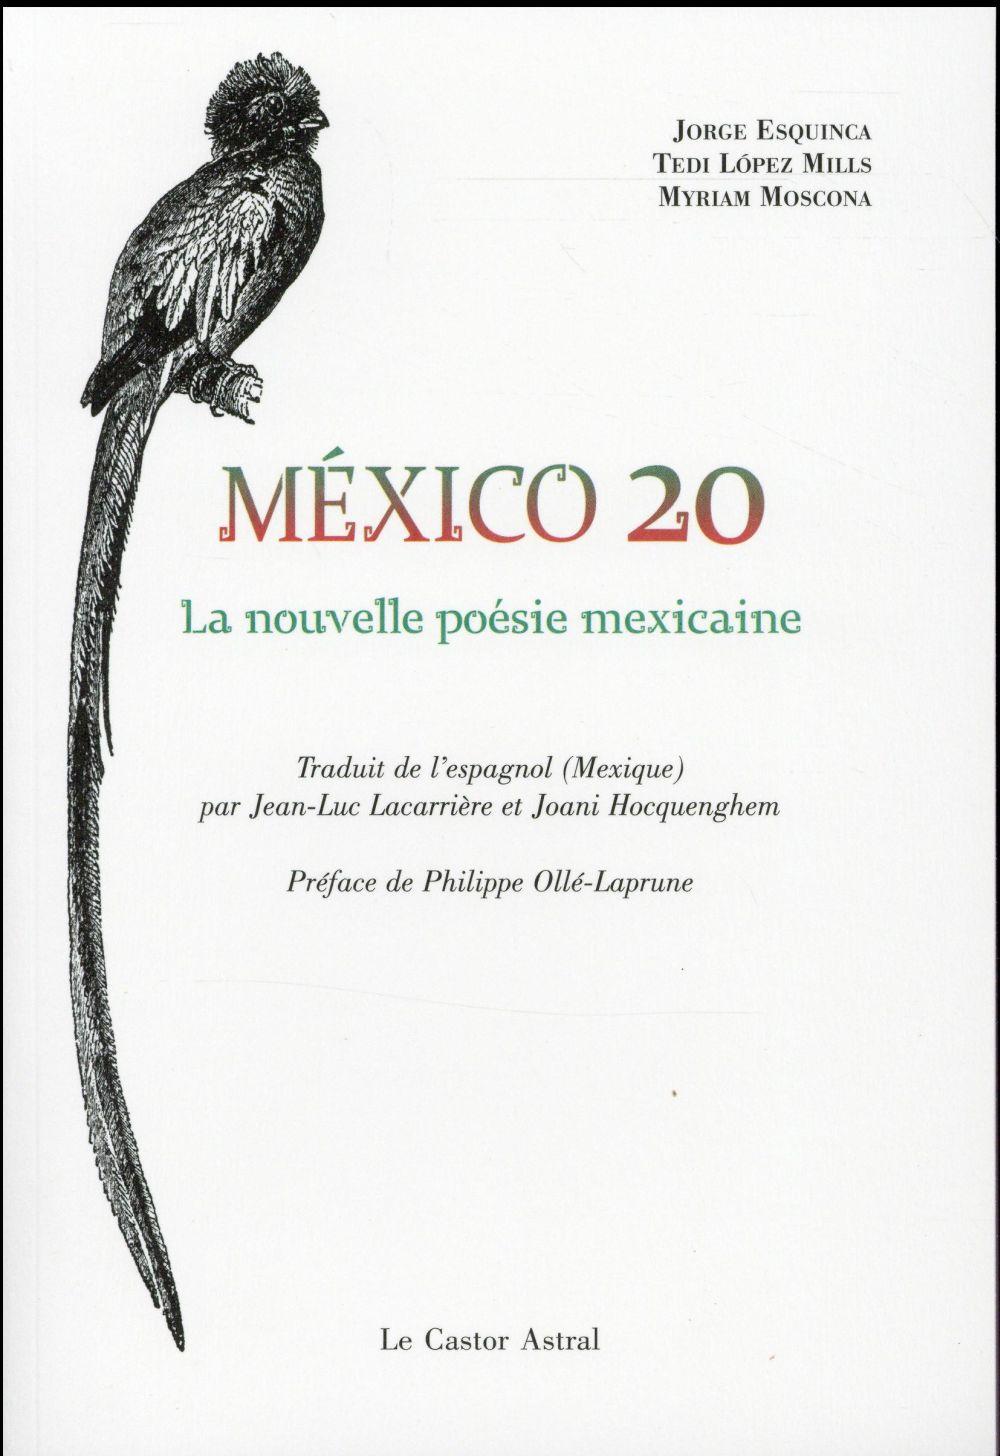 MEXICO 20 - LA NOUVELLE POESIE MEXICAINE